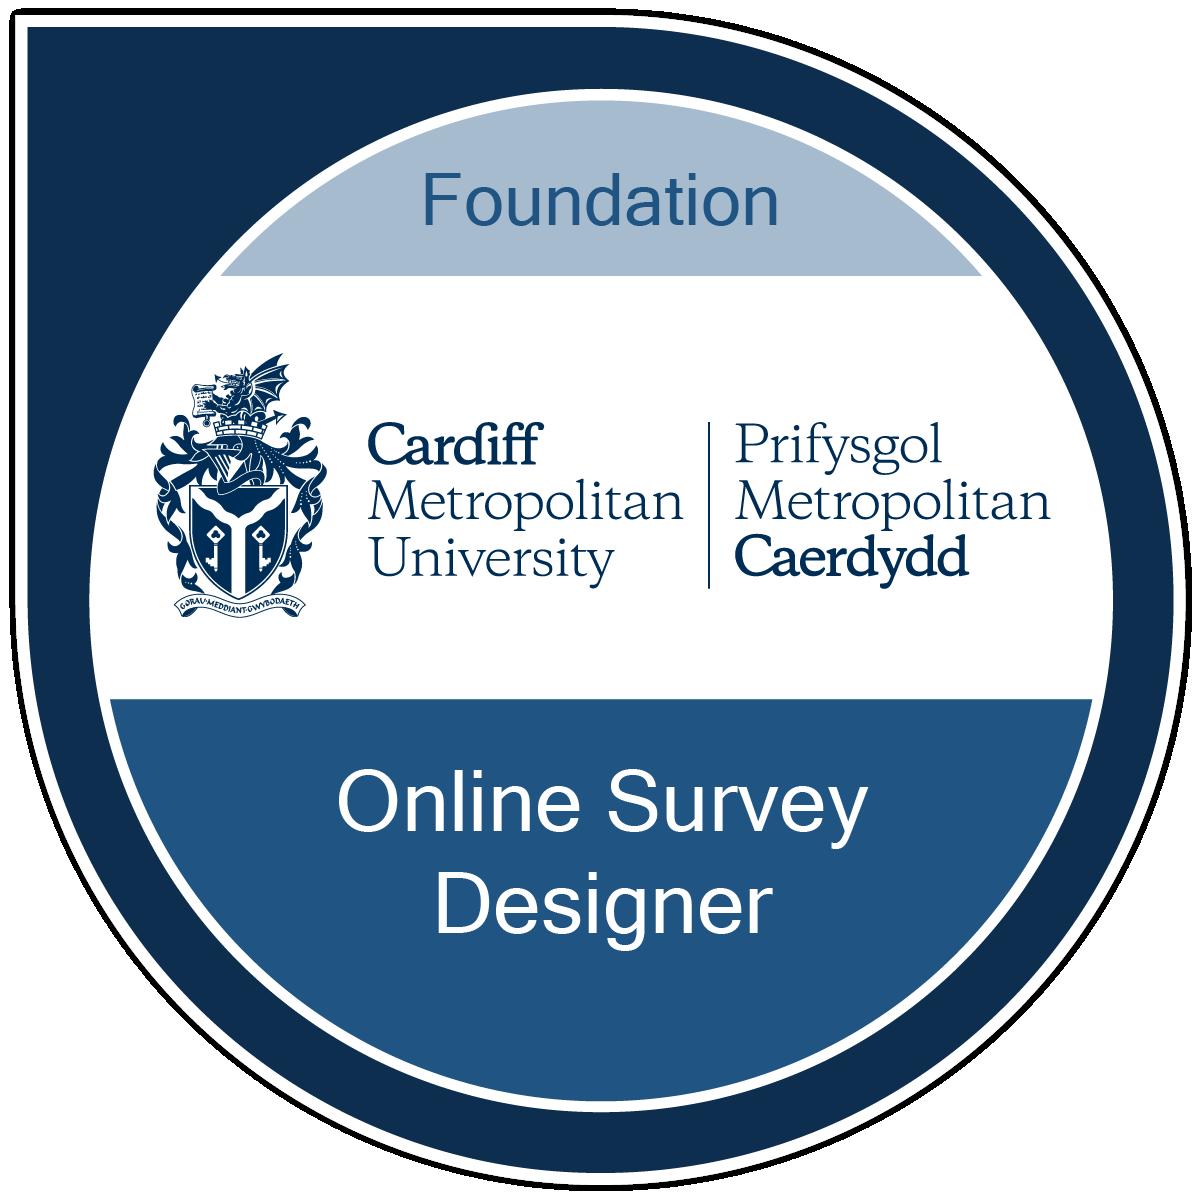 Online Survey Designer - Foundation